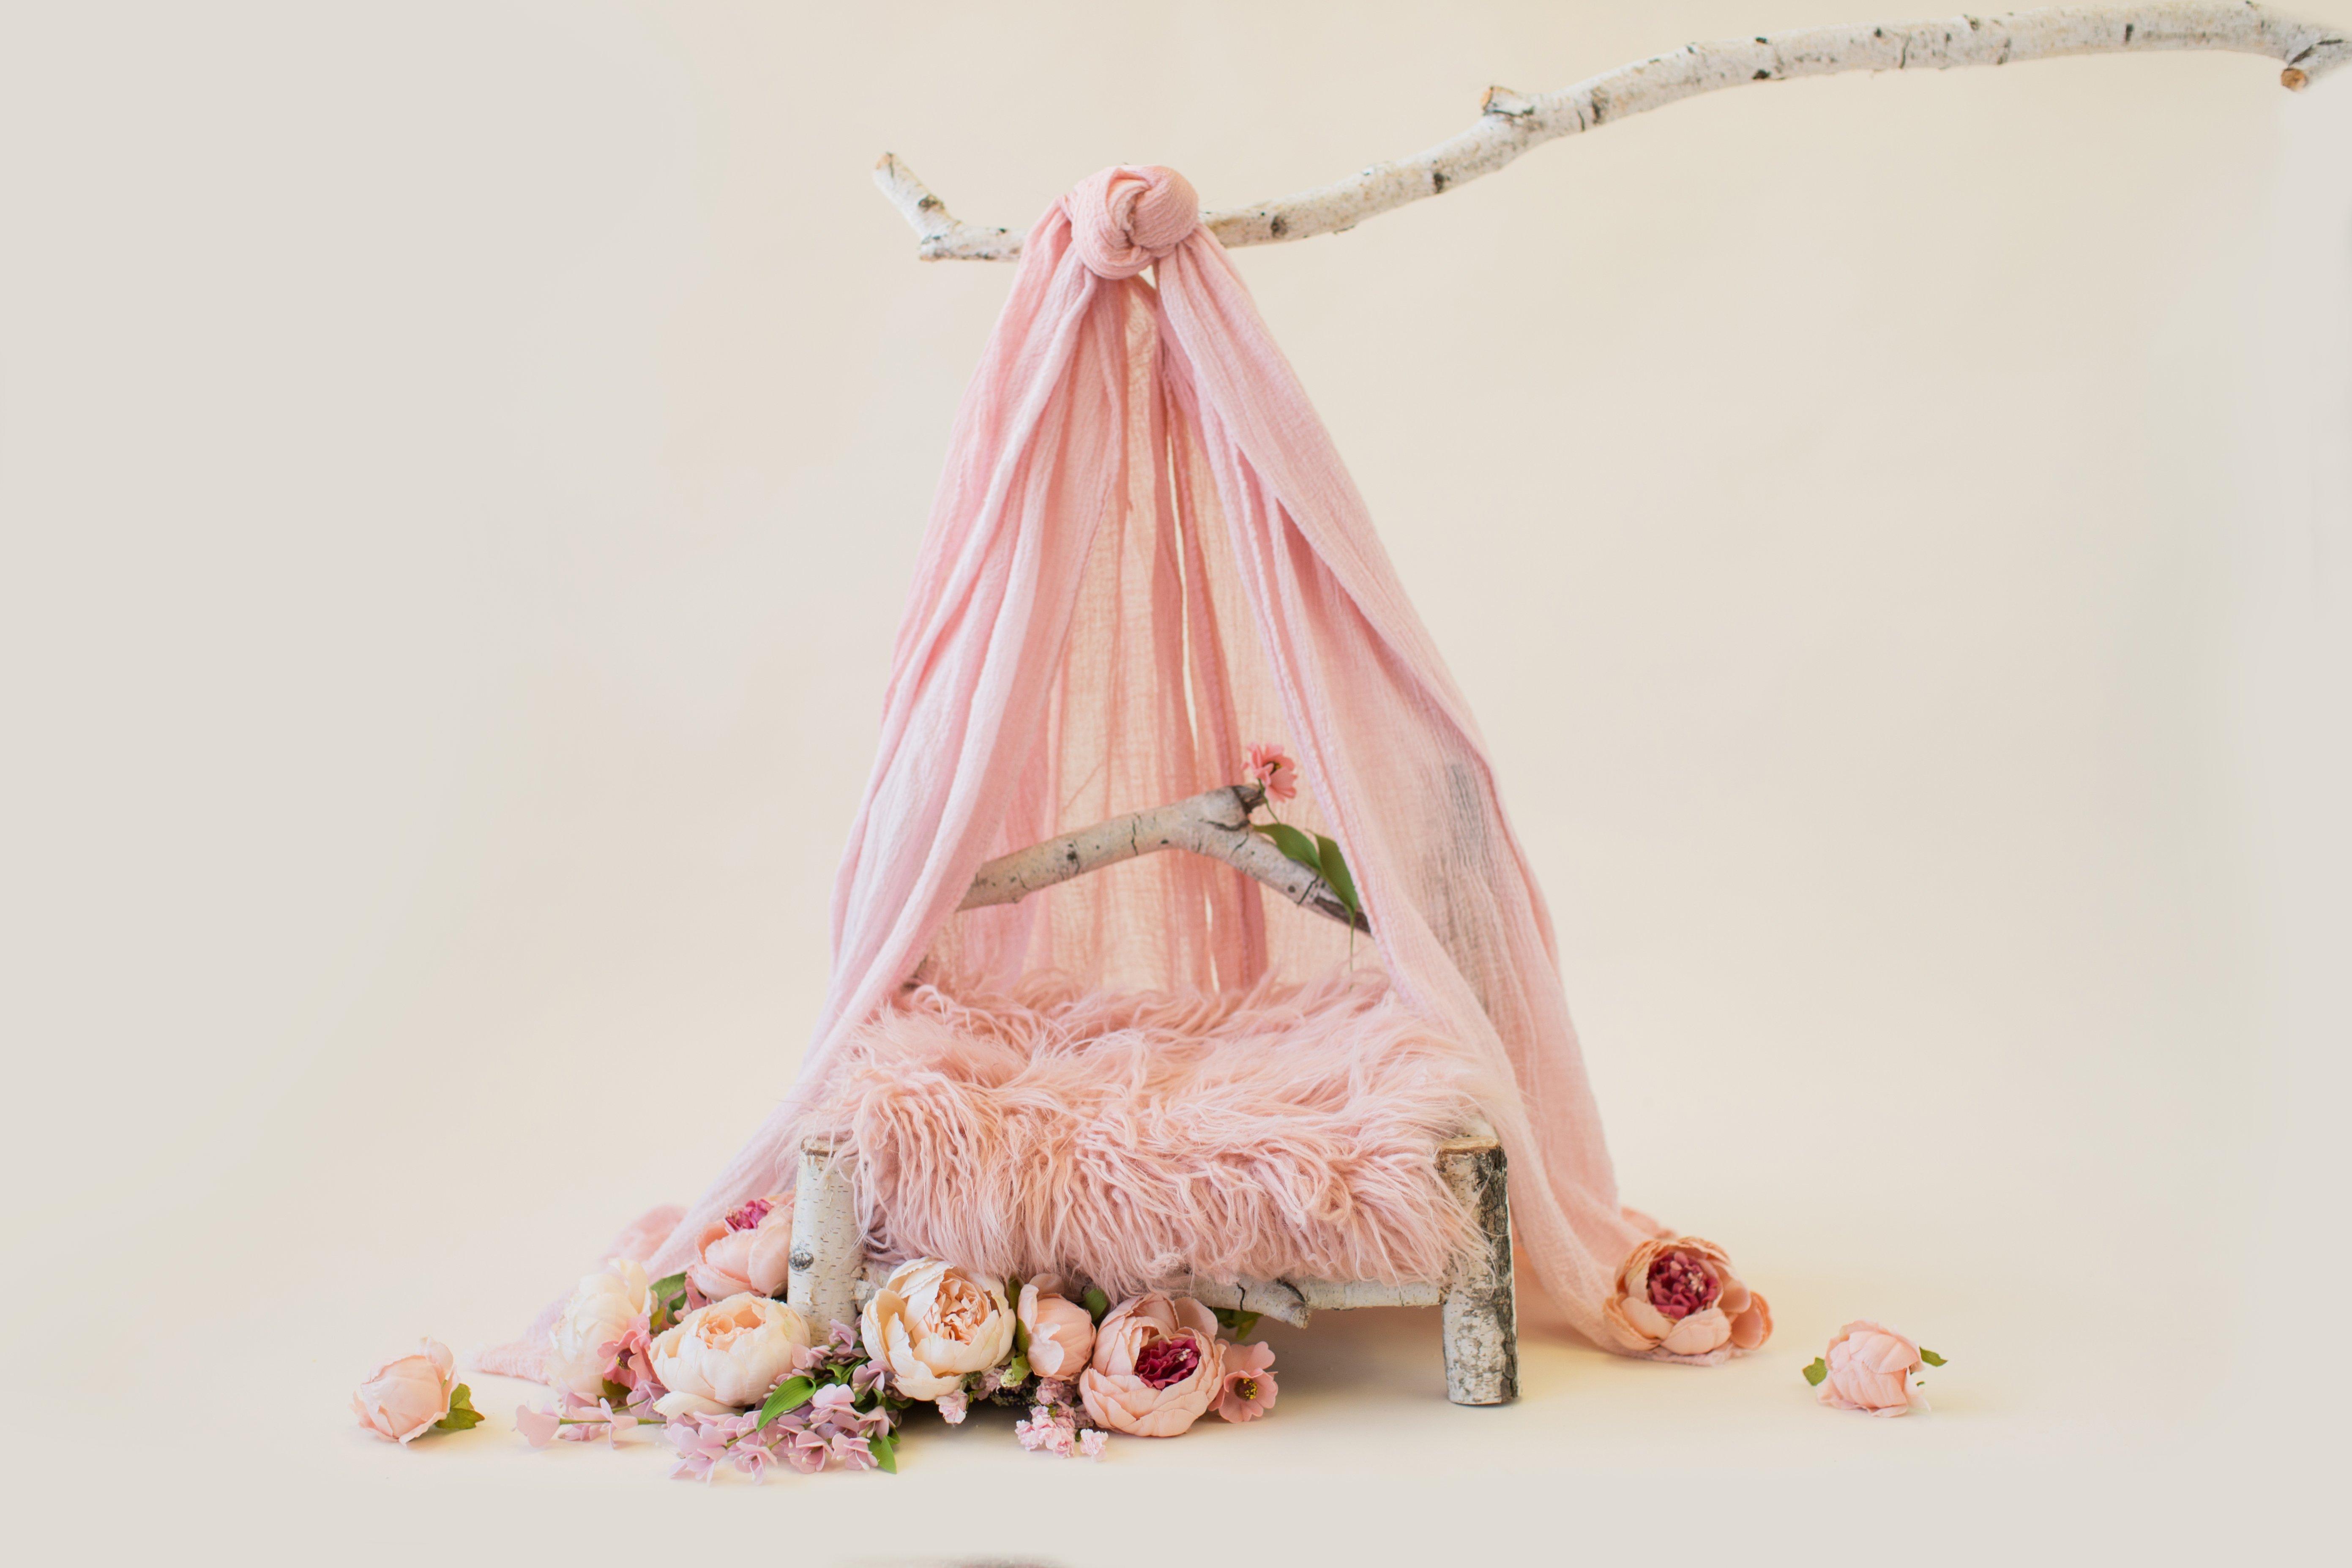 PINK FLOWER BED - DIGITAL BACKDROP